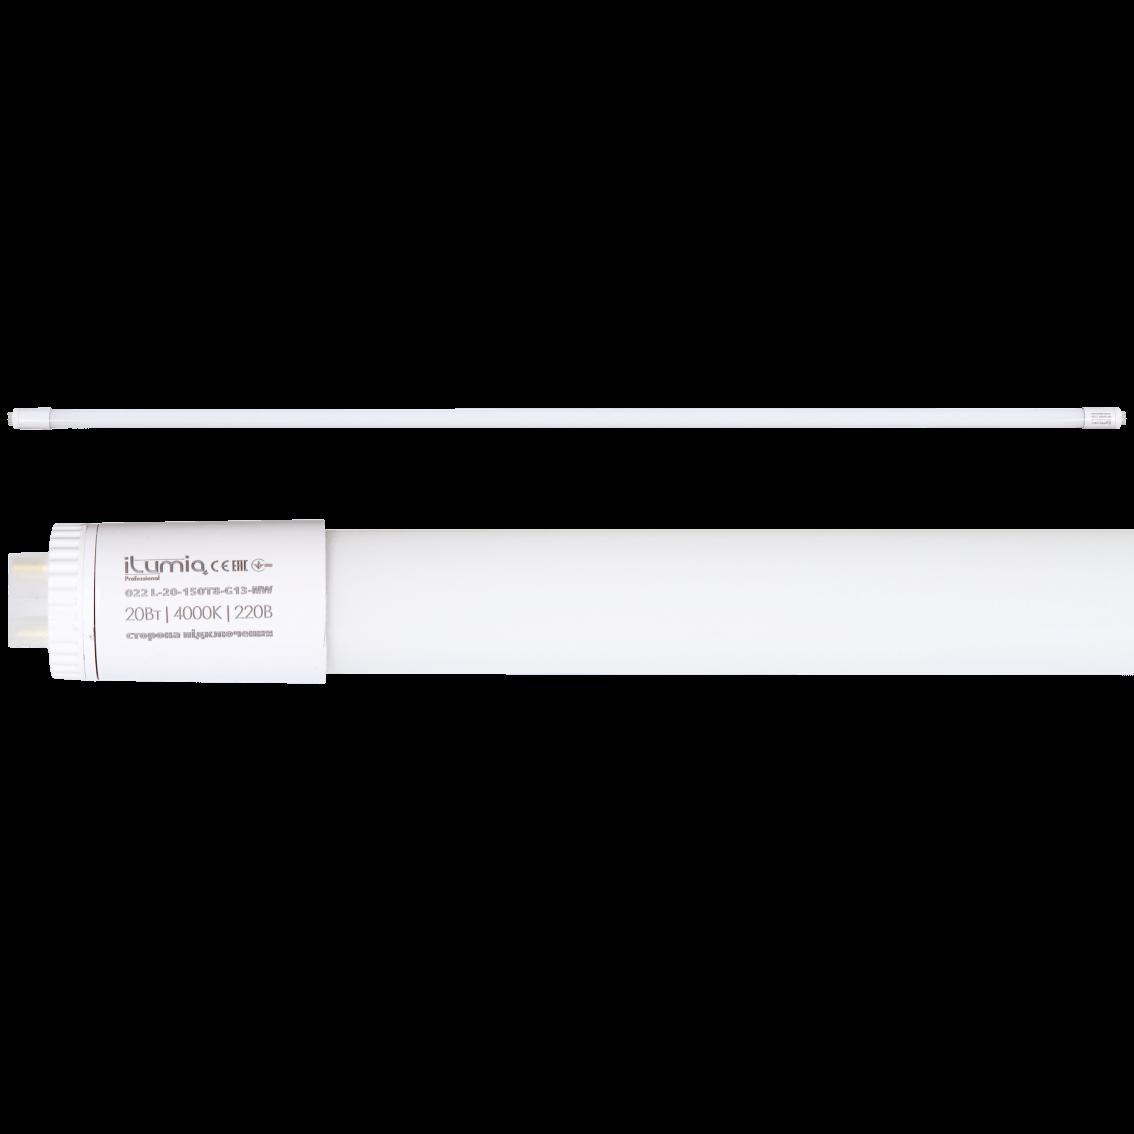 Светодиодная лампа-трубка Ilumia 20Вт, цоколь G13, 1500мм, 4000К (нейтральный белый), 2000Лм (022)